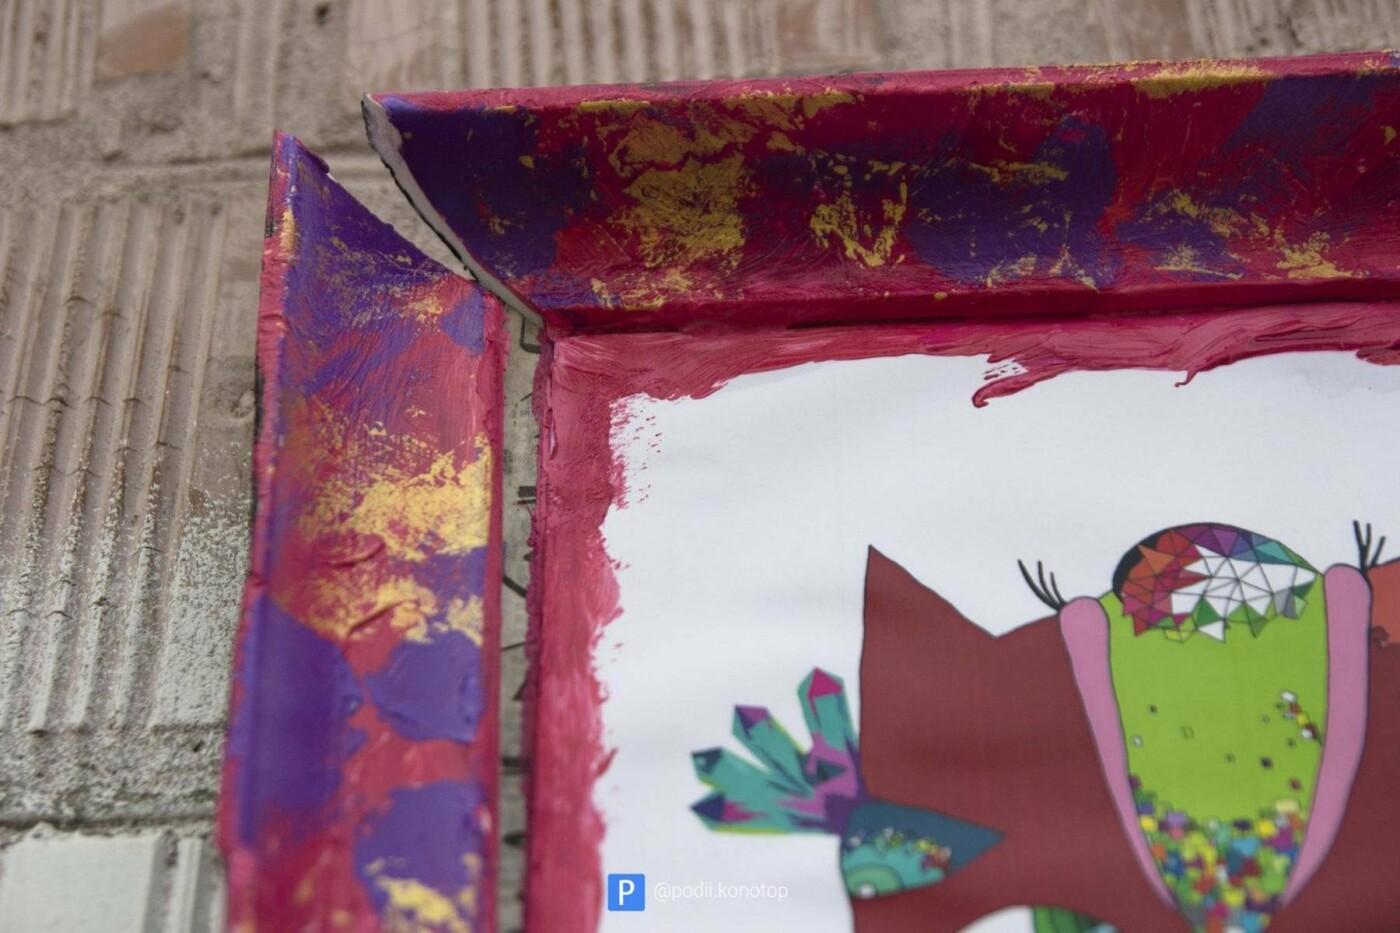 У Контопі зіпсували арт-об'єкти, фото-2